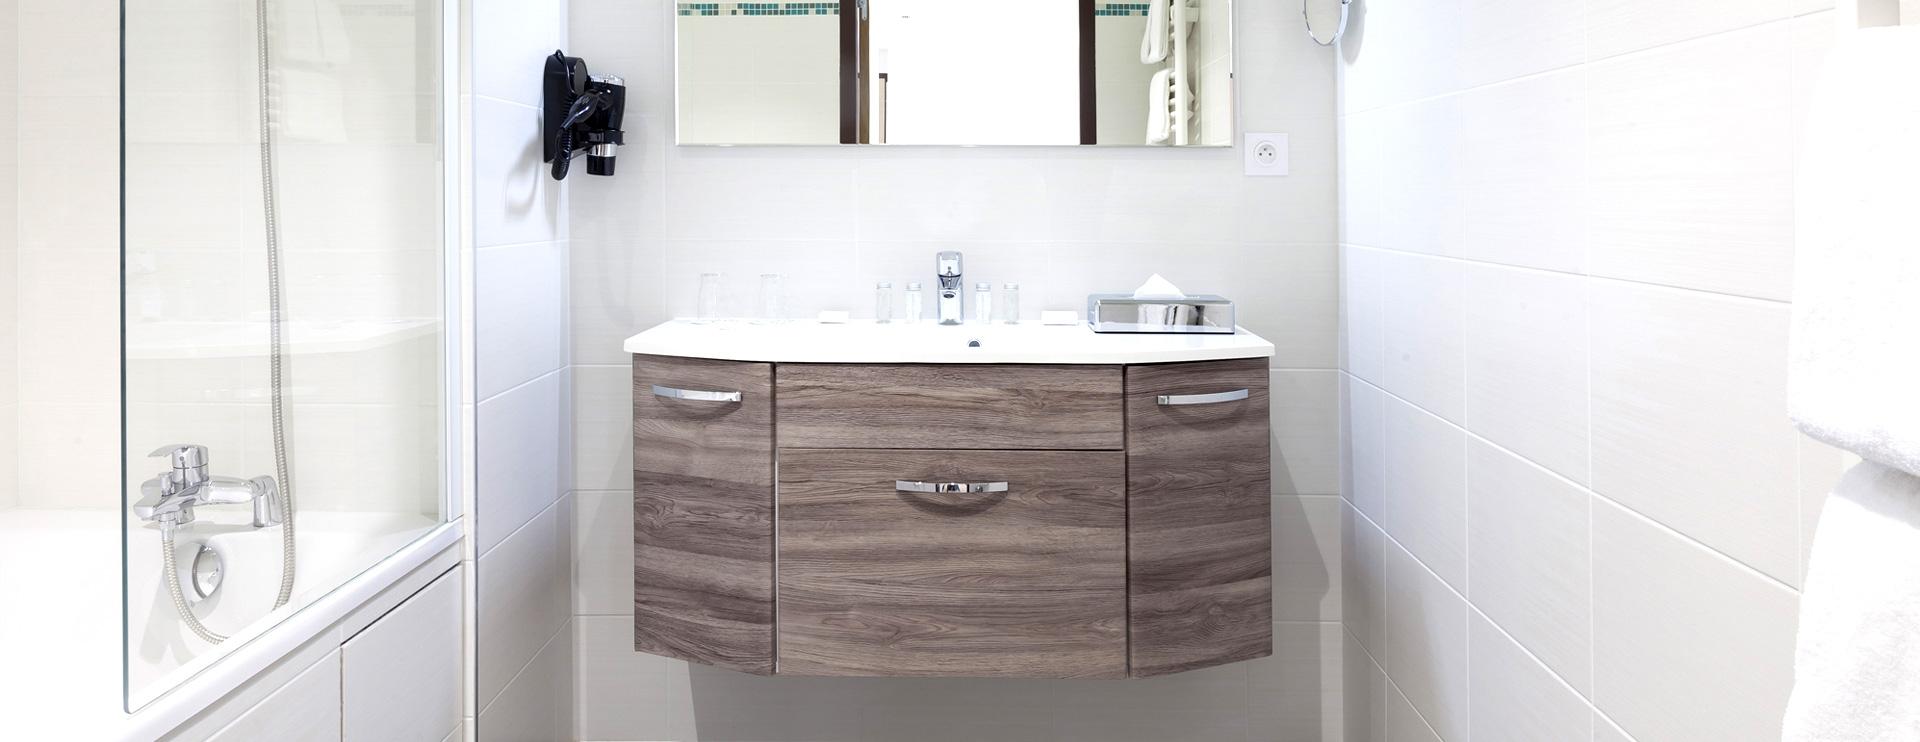 Salle de bain suite hôtel spa Doubs - Franche-Comté (25)